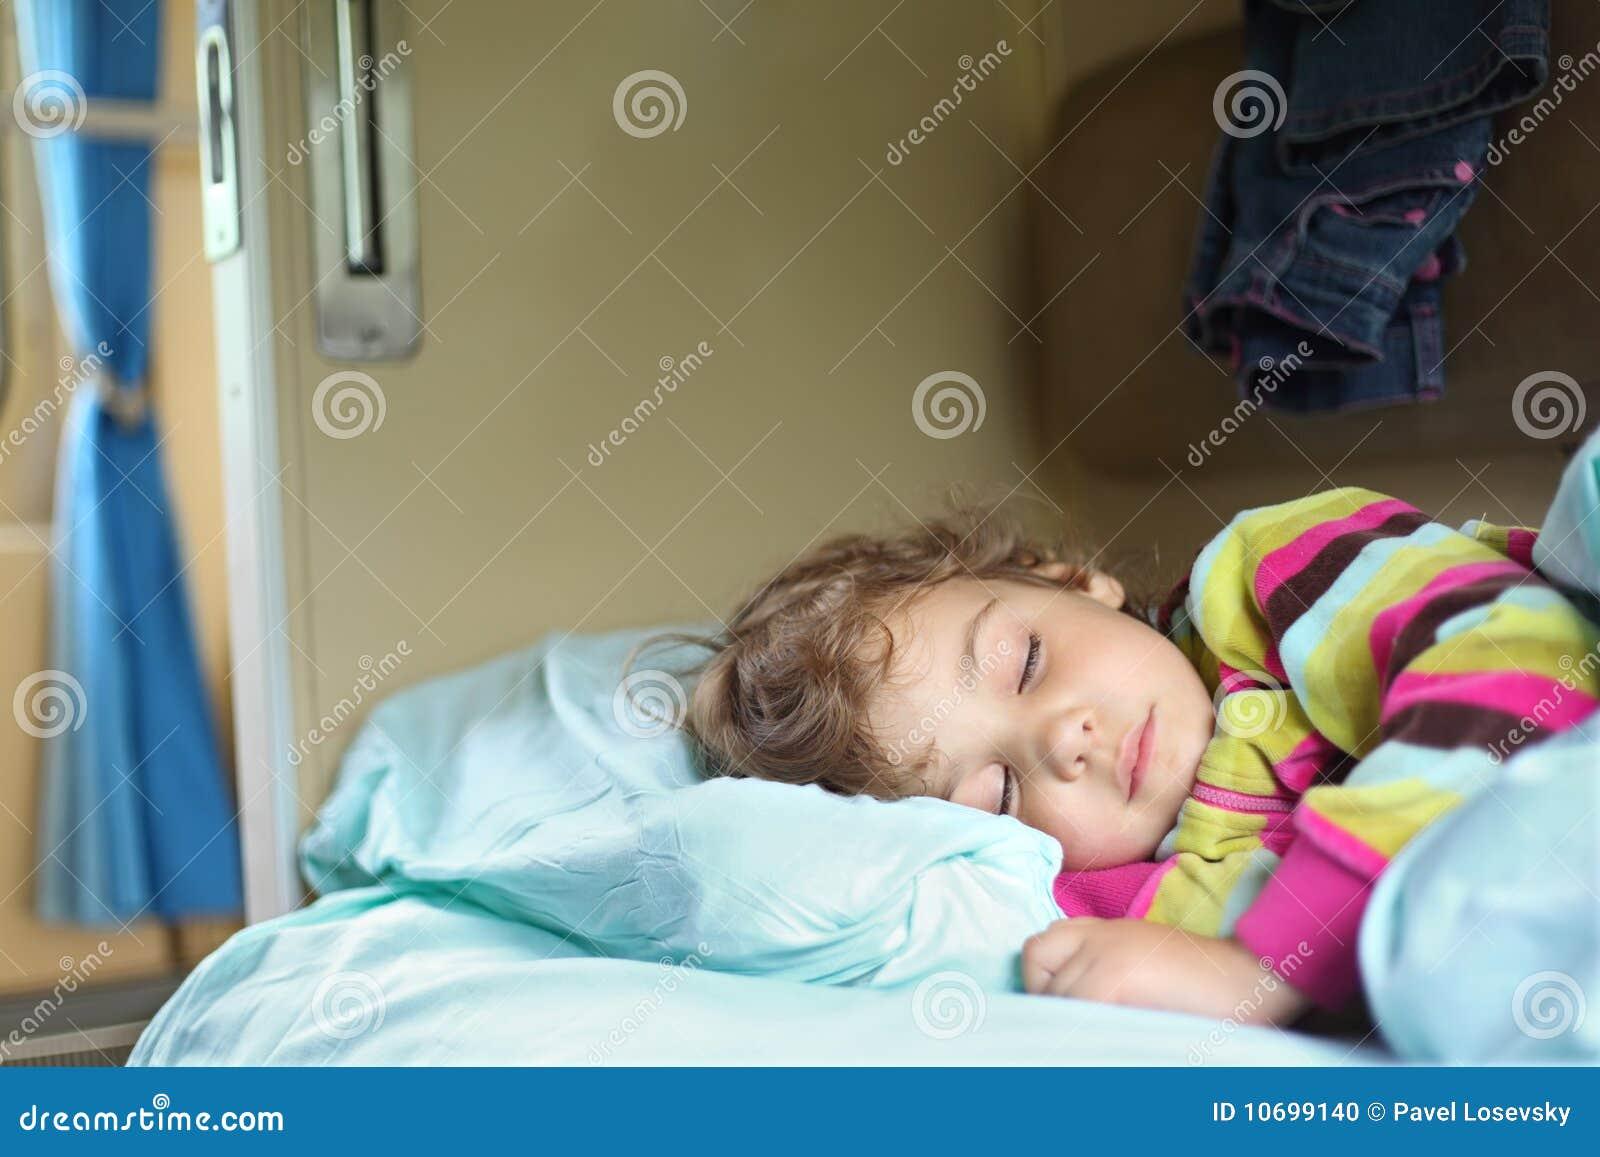 Картинки спящих девушек в поезде